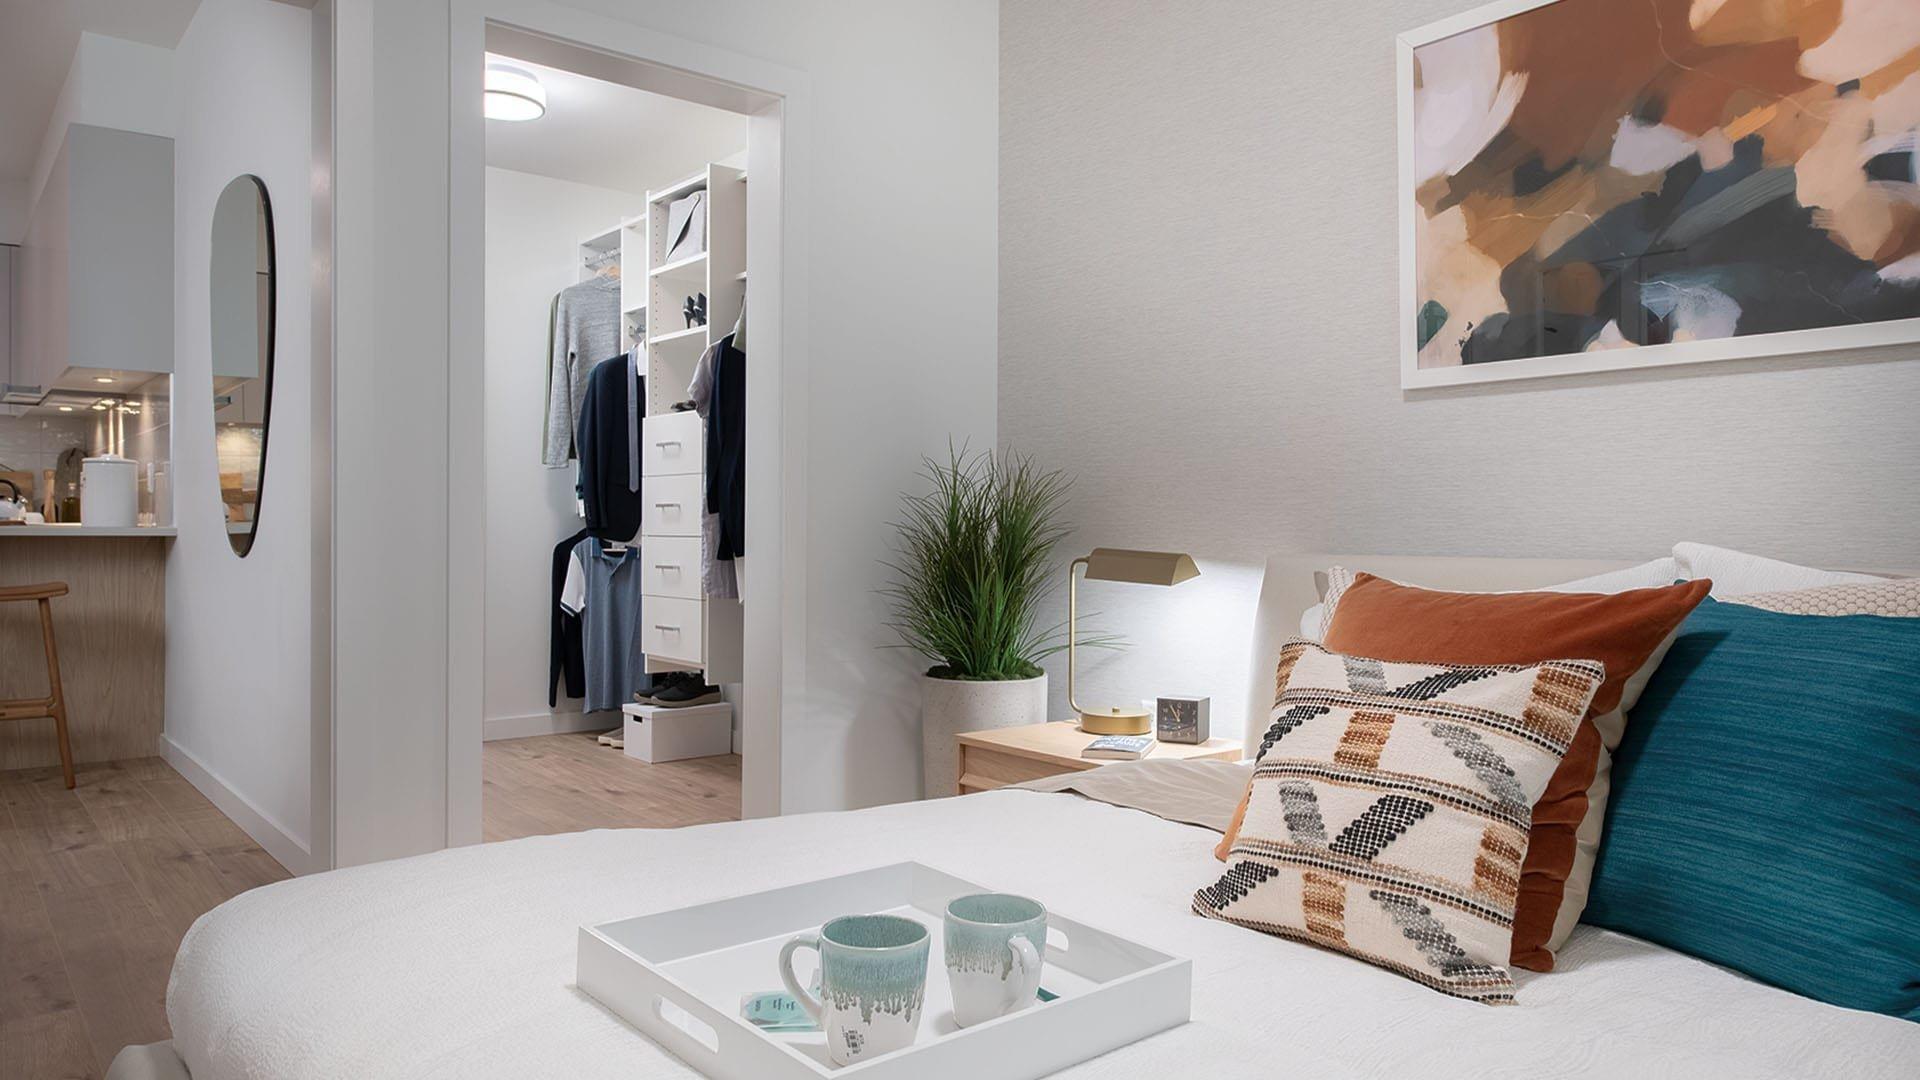 Bedroom -3182 Gladwin Rd, Abbotsford, BC V0V 0V0,Canada!